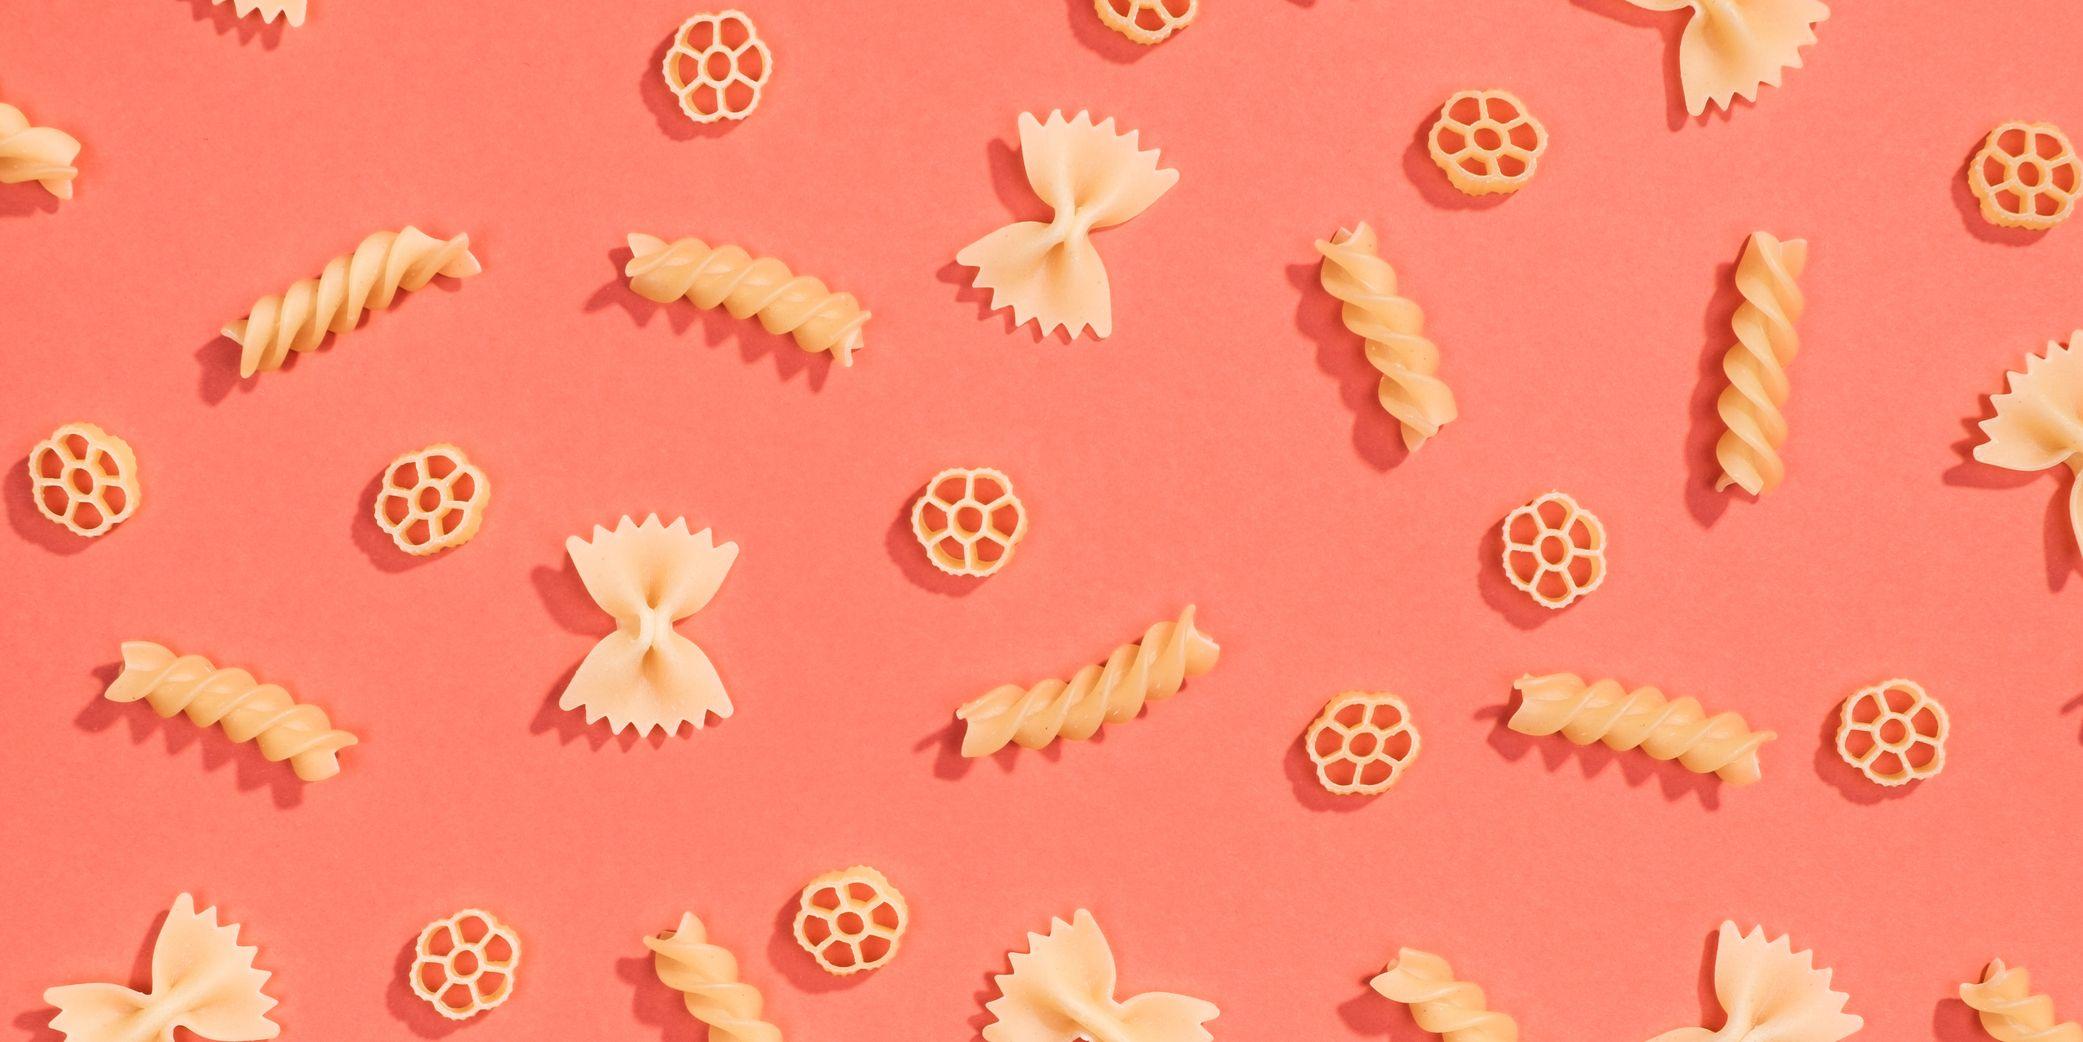 Farfalle, rotelle and fusilli pasta flat lay